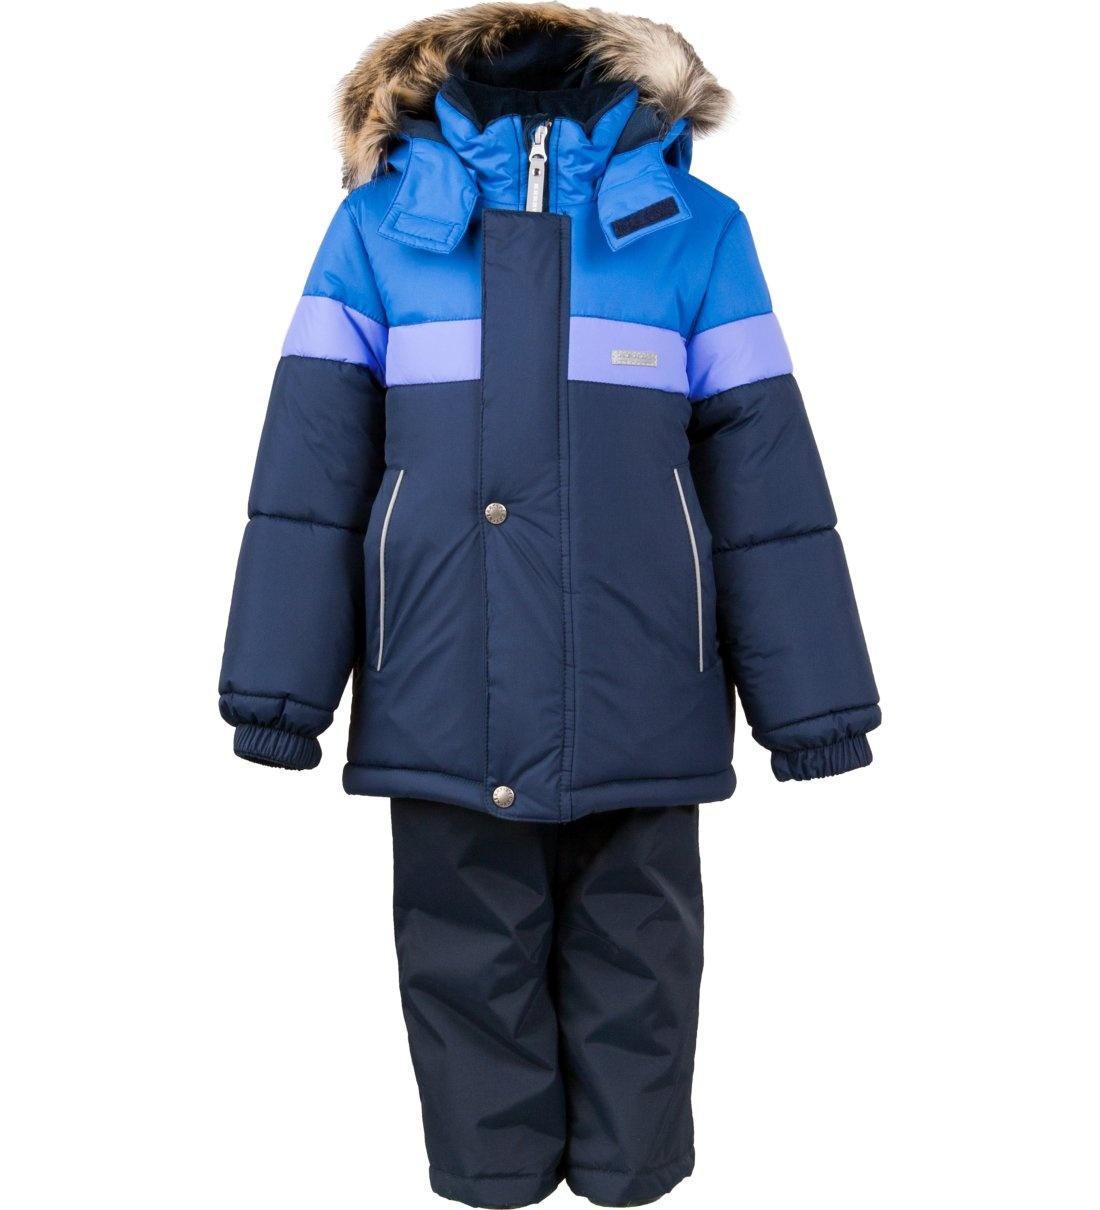 Комплект куртка + полукомбинезон для мальчиков Kerry